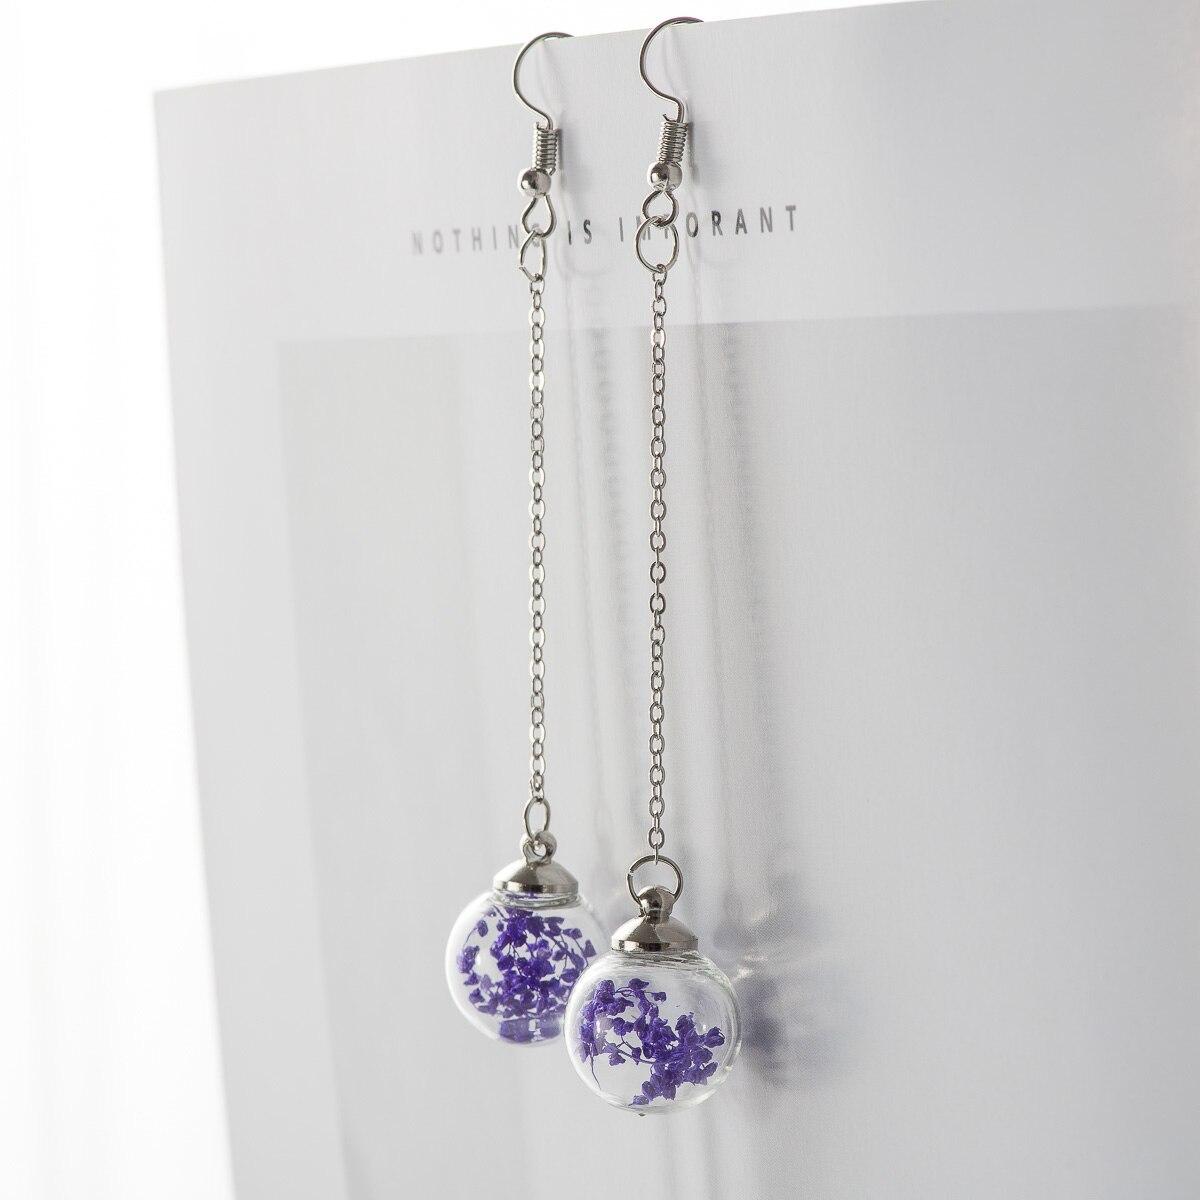 Flower Eardrop Dried Flower In Glass Ball Earrings Fantasy DIY Ear Lines Dangle Earring For Women #HZ201